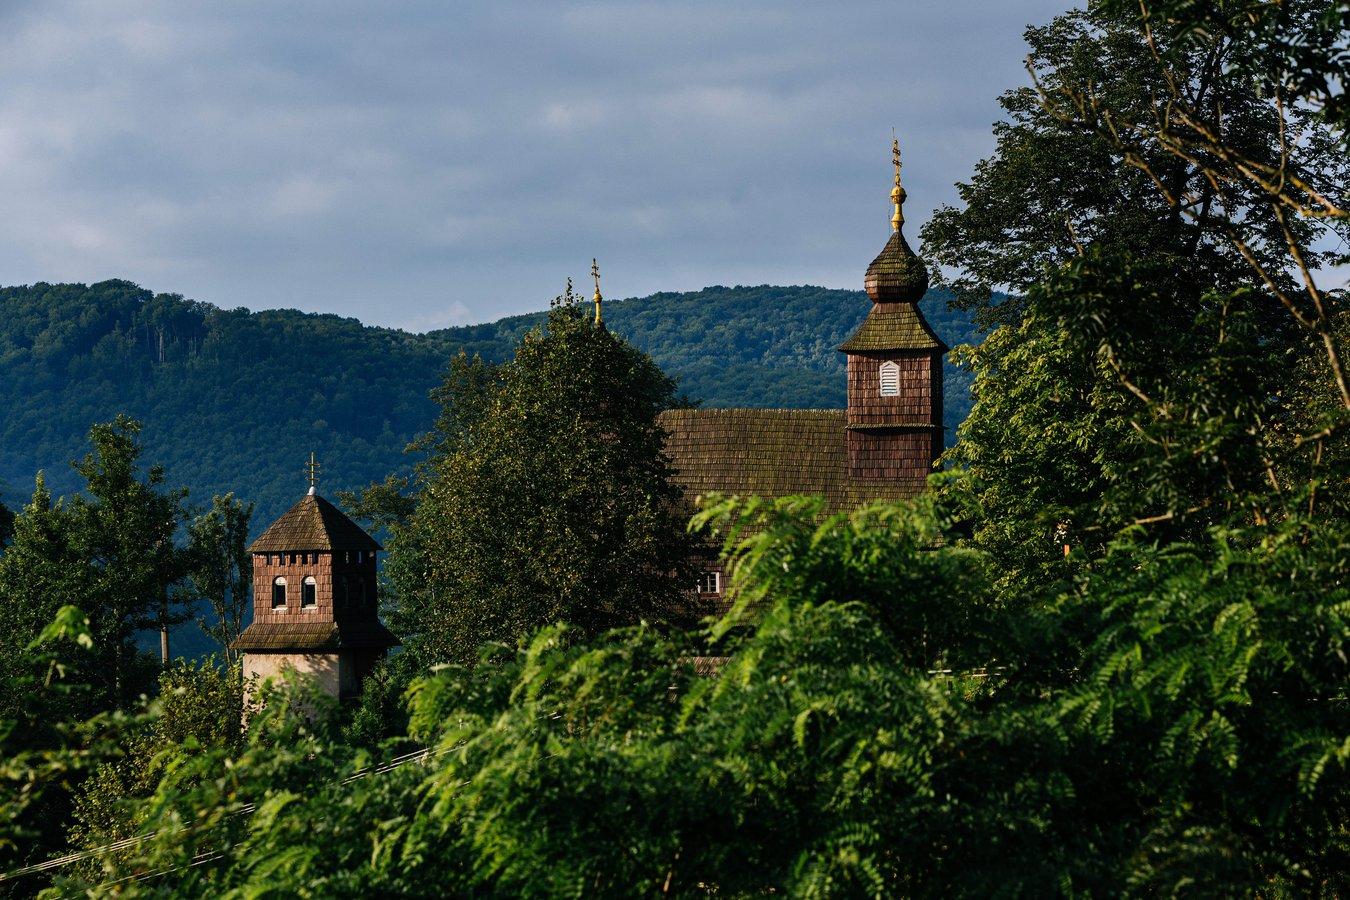 Церква Св. Василя Великого у Лікіцарах XVII ст. – єдина збережена дерев'яна церква Перечинщини.jpg